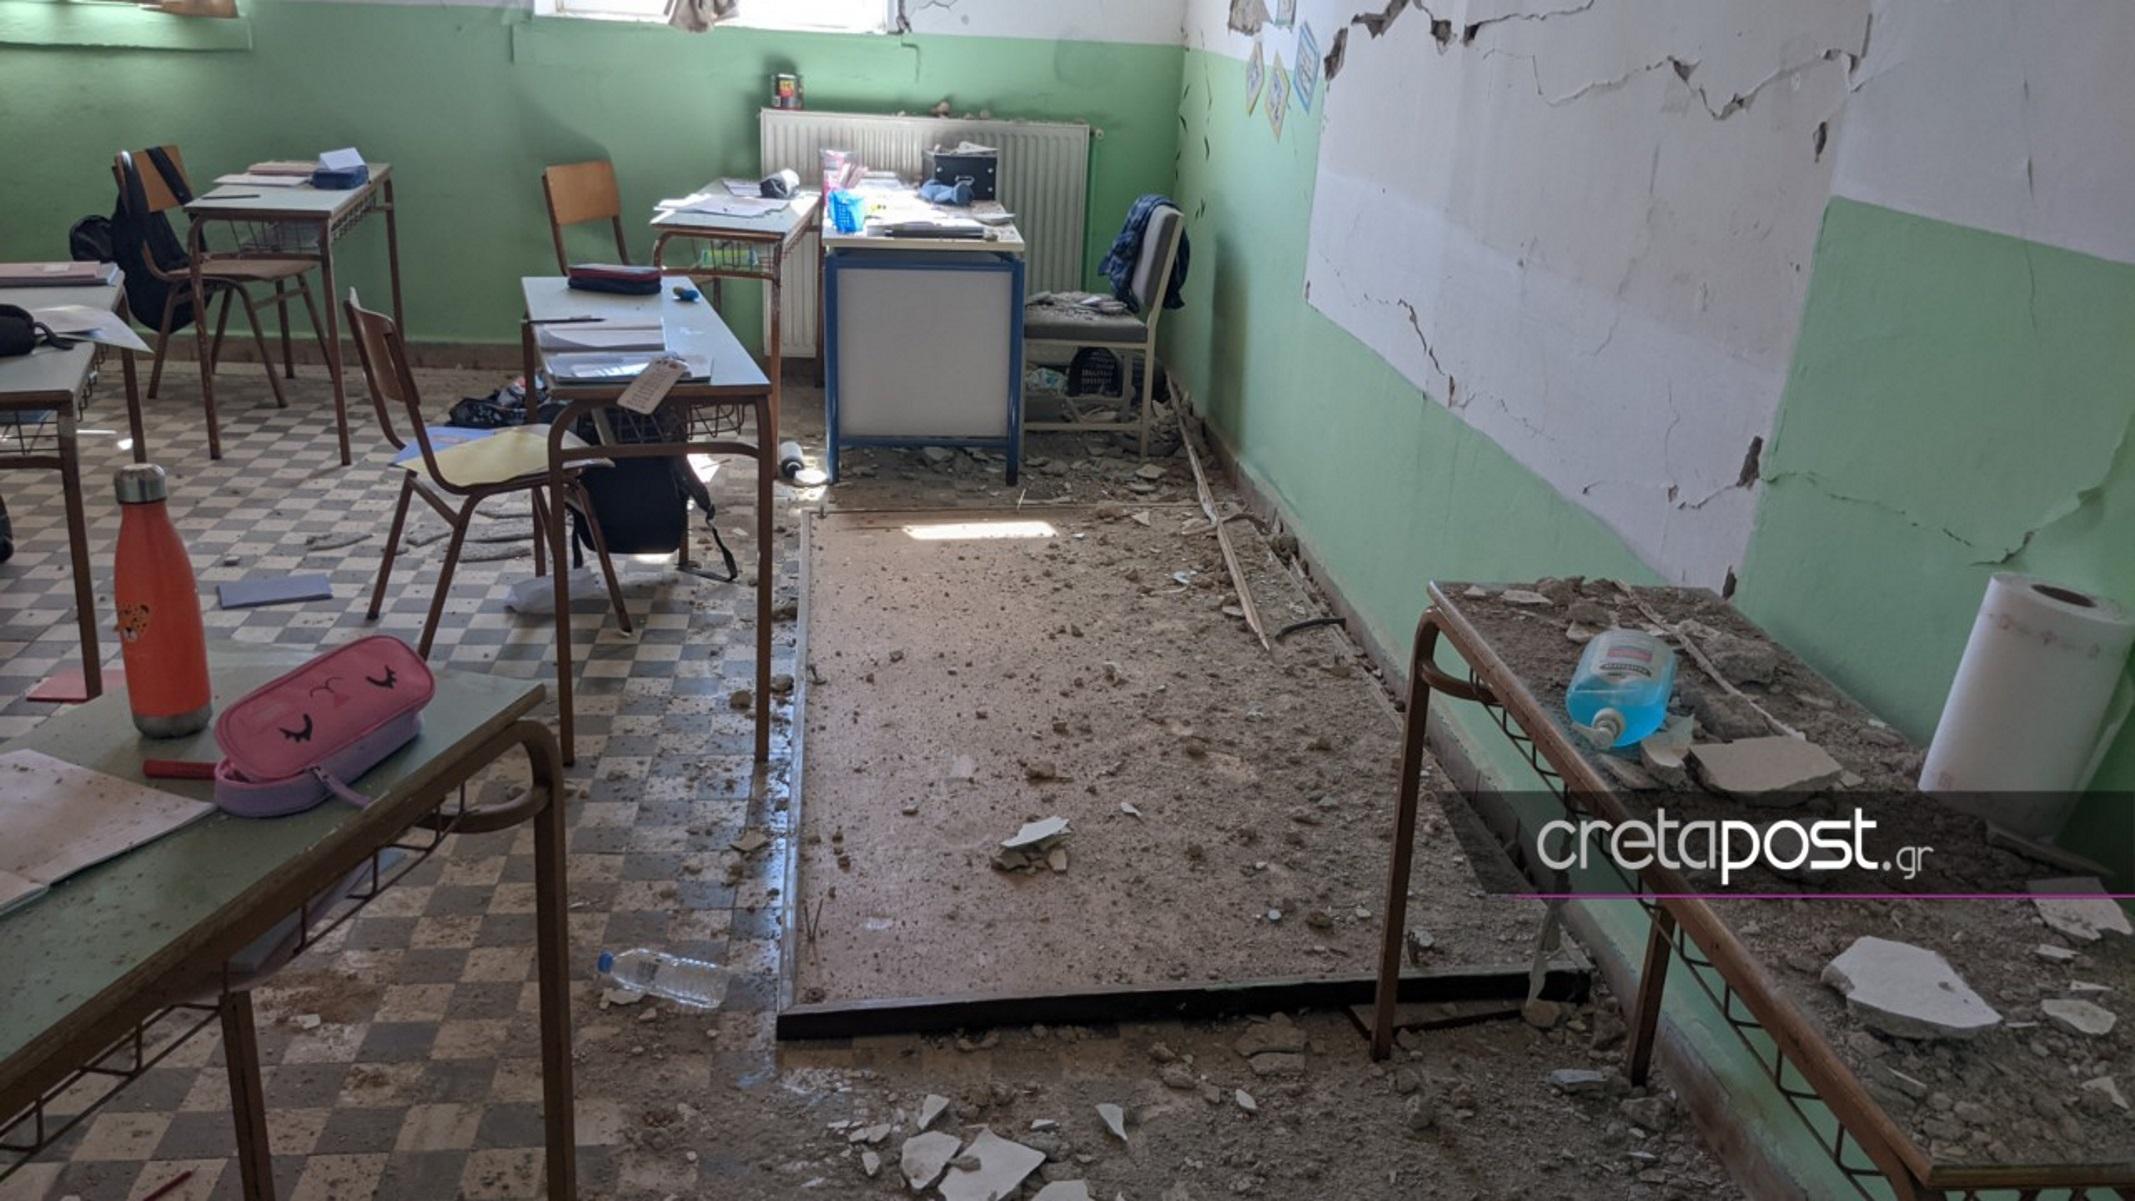 Σεισμός στην Κρήτη: Σαρωτικό το χτύπημα στο δημοτικό σχολείο Θραψανού